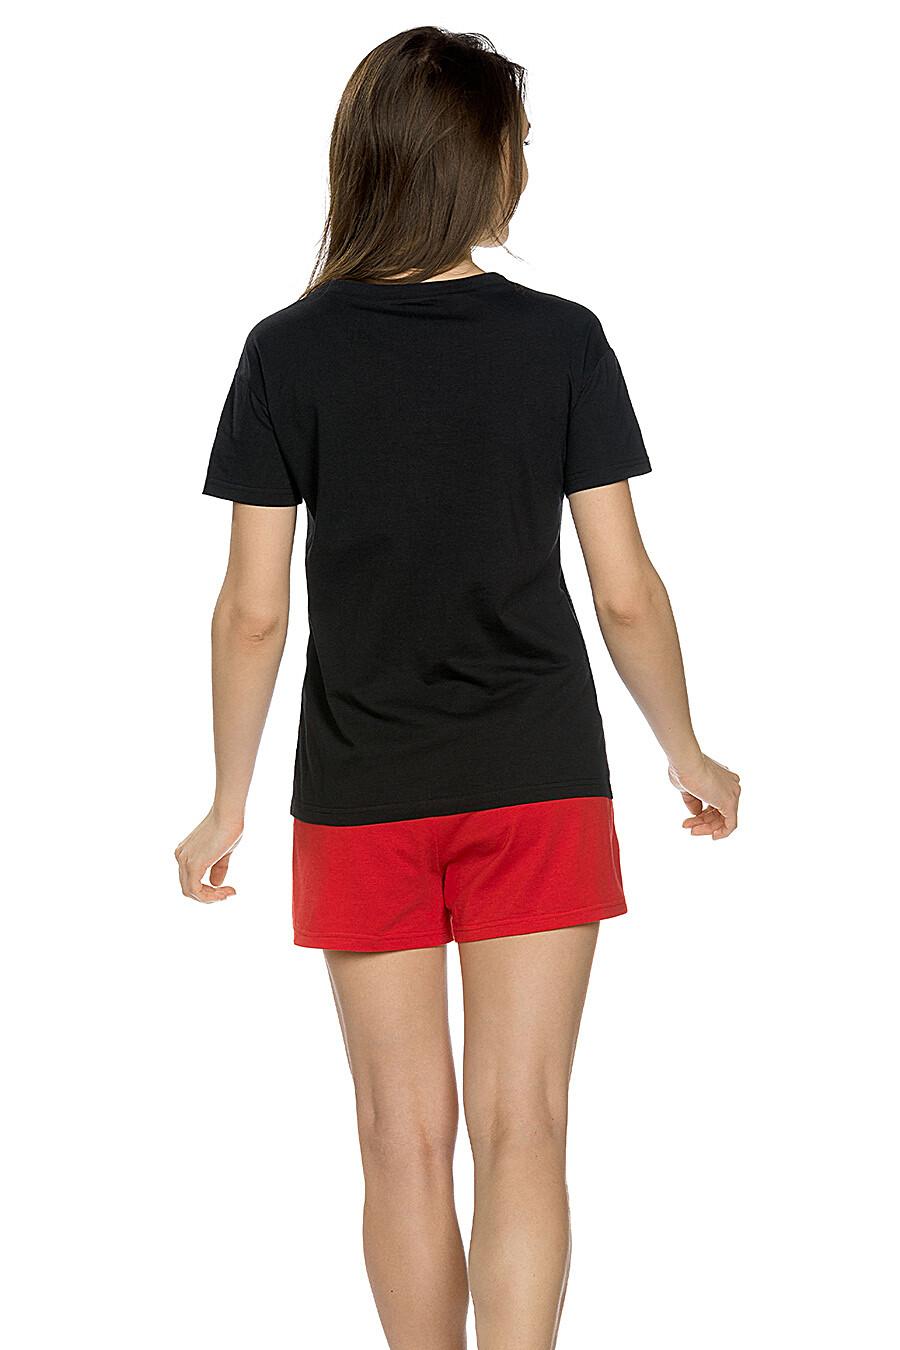 Комплект (Шорты+Футболка) для женщин PELICAN 146703 купить оптом от производителя. Совместная покупка женской одежды в OptMoyo